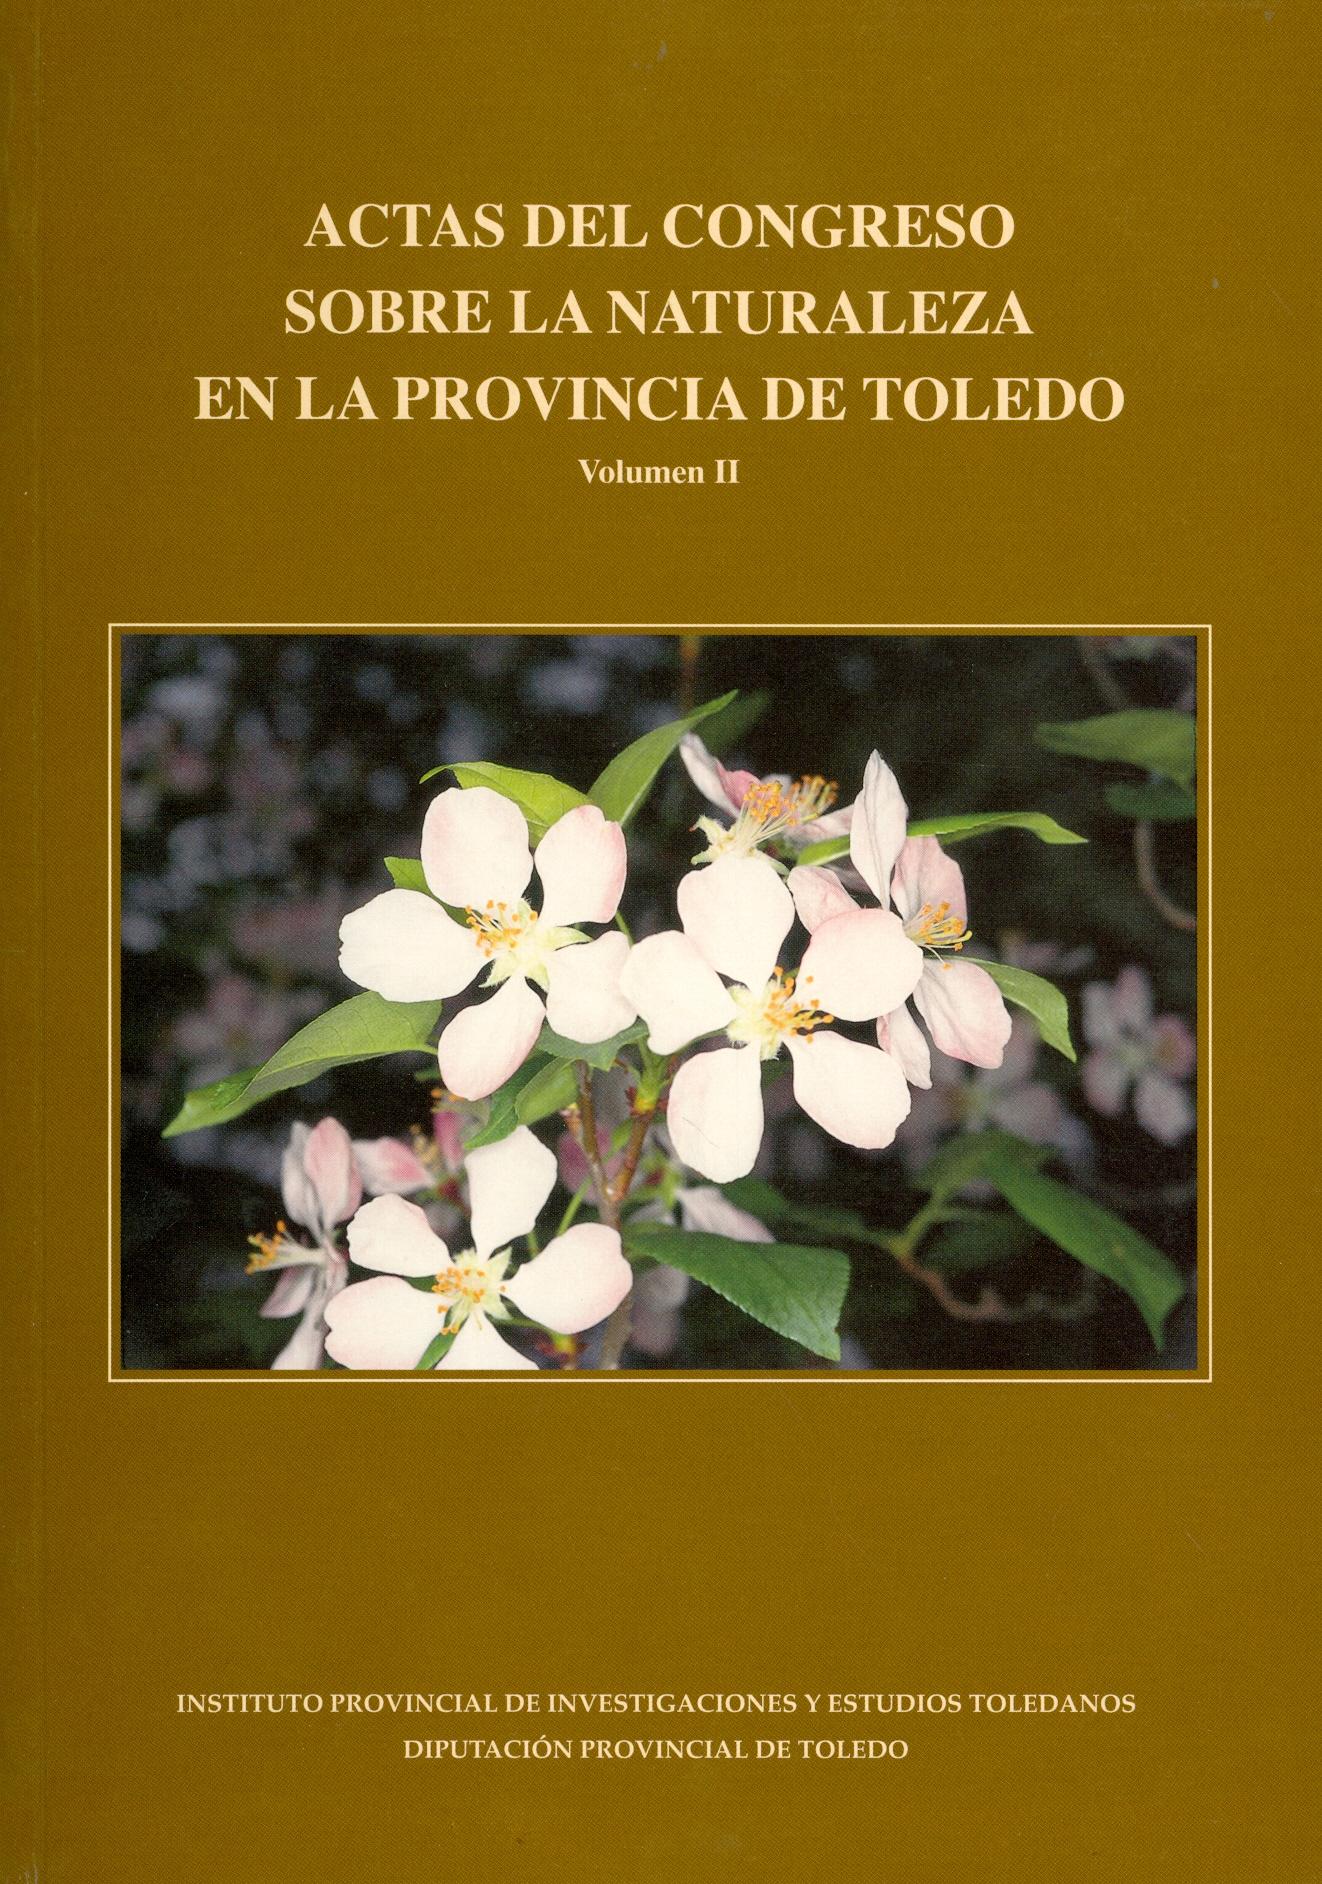 Actas del Congreso sobre la Naturaleza en la provincia de Toledo. Volumen II